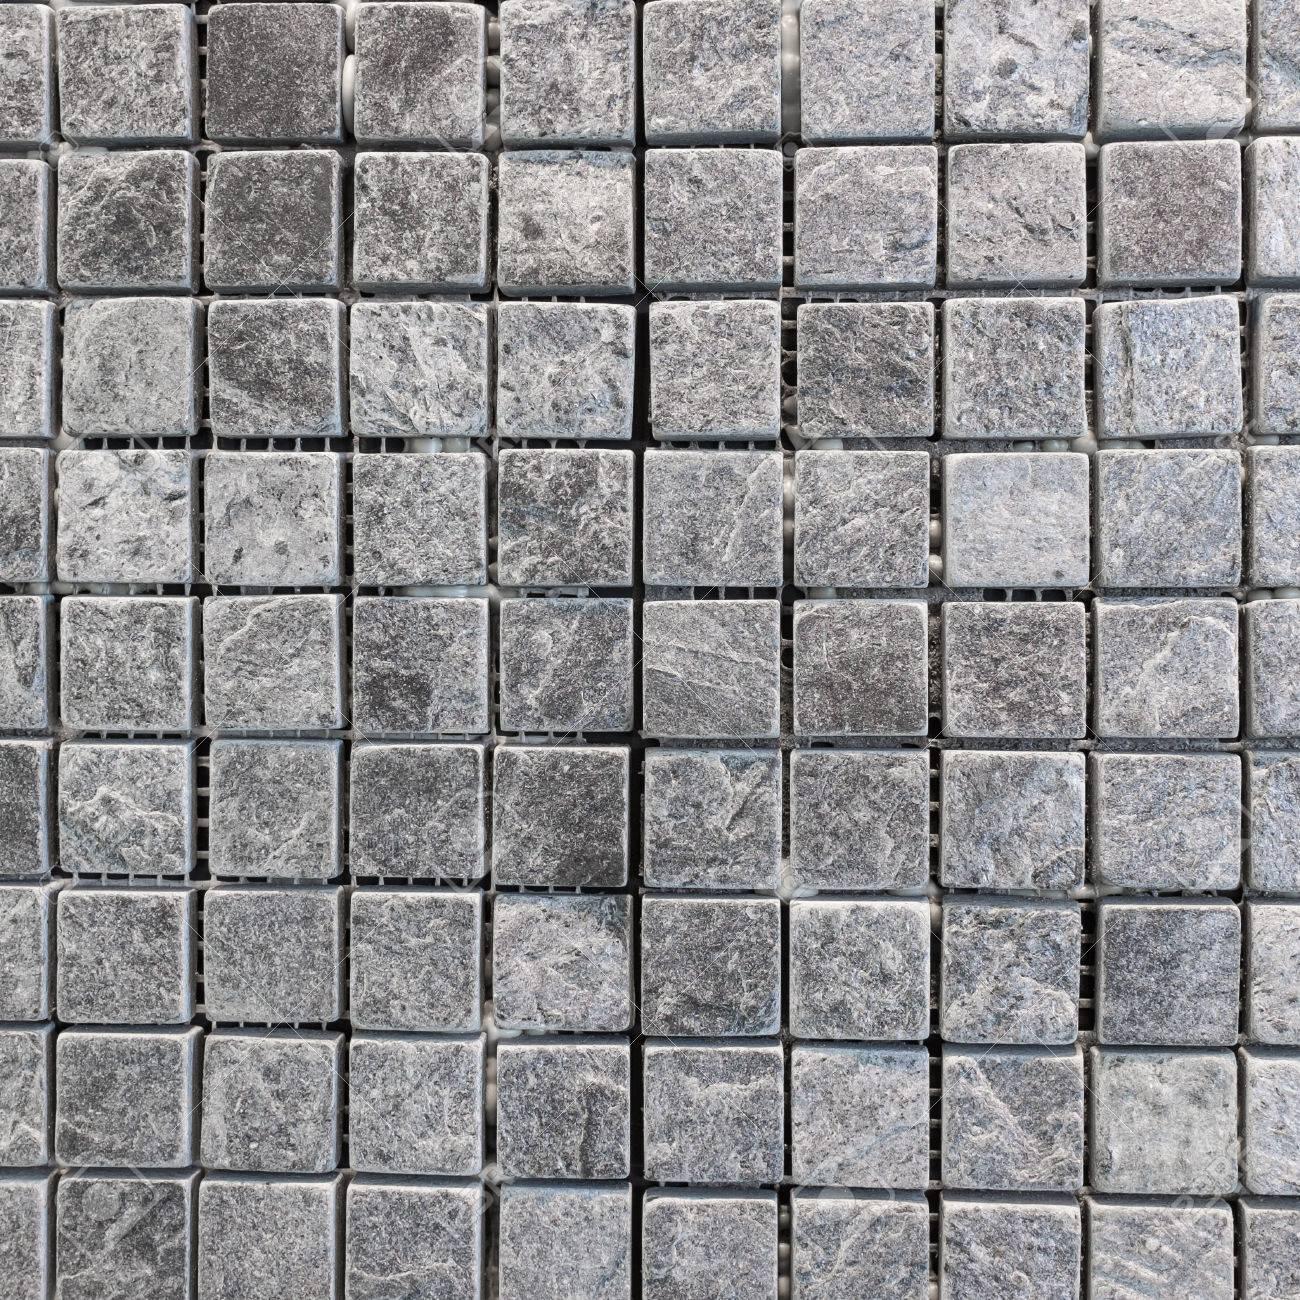 banque dimages carrelage gris et noir sur la texture du mur et backgroud - Carrelage Gris Mur